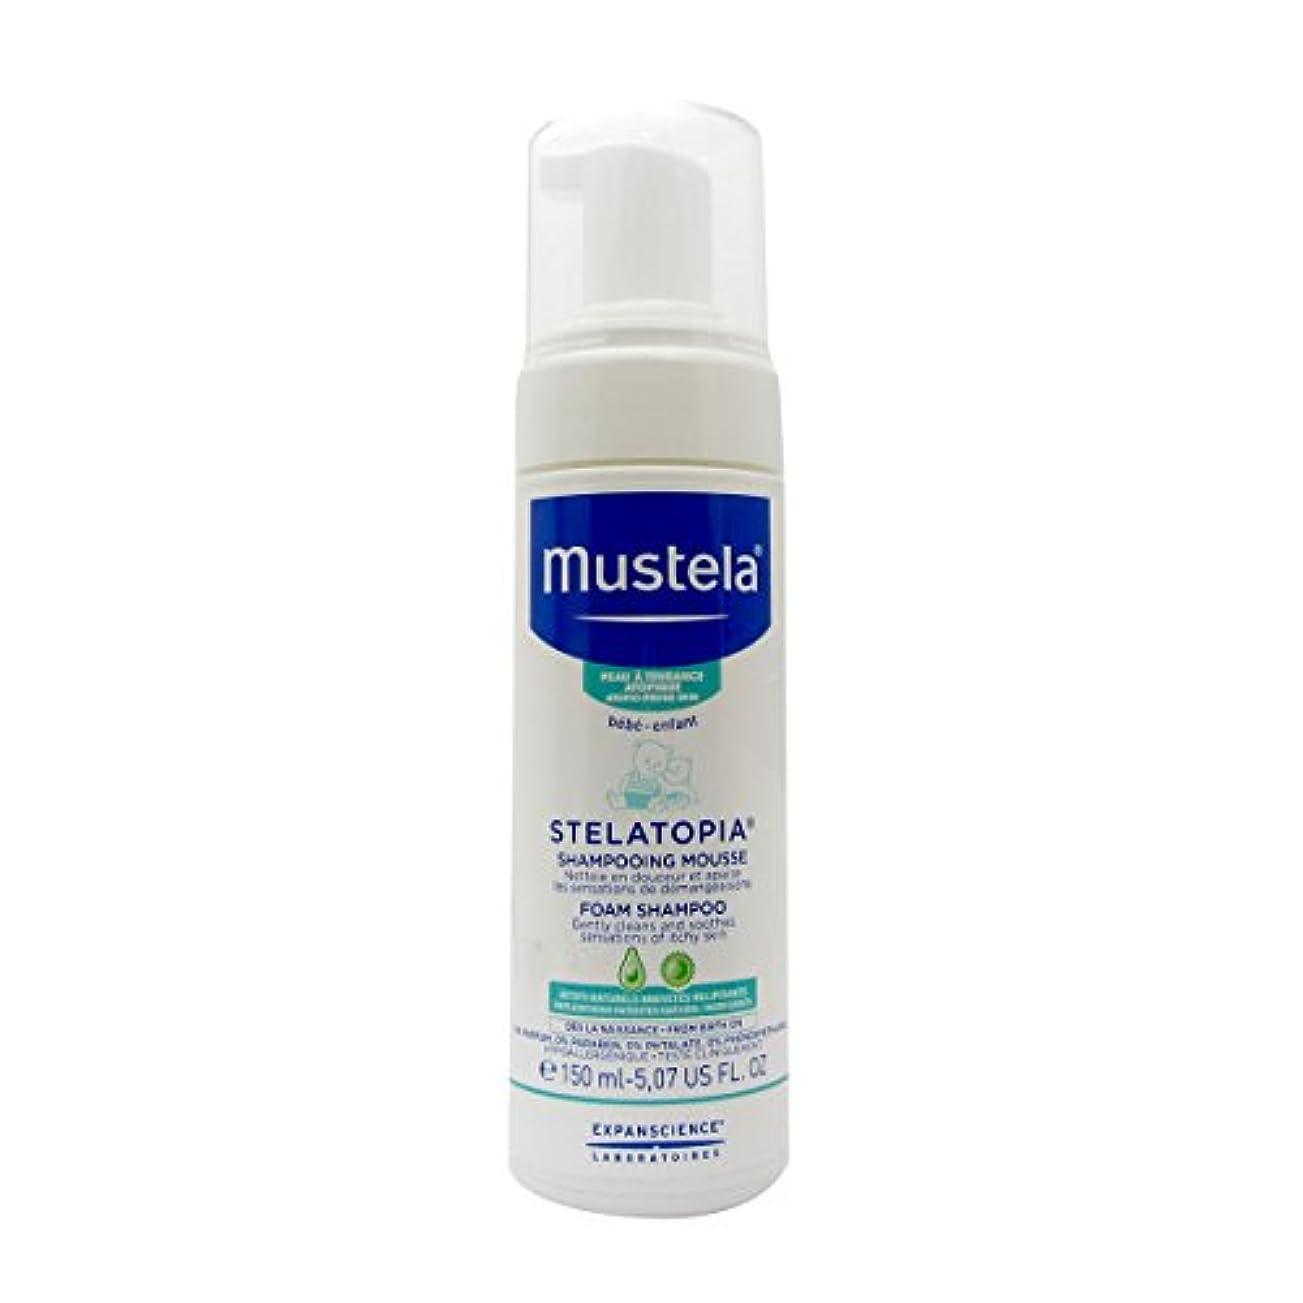 暴君あえぎ貧困Mustela Stelatopia Foam Shampoo 150ml [並行輸入品]